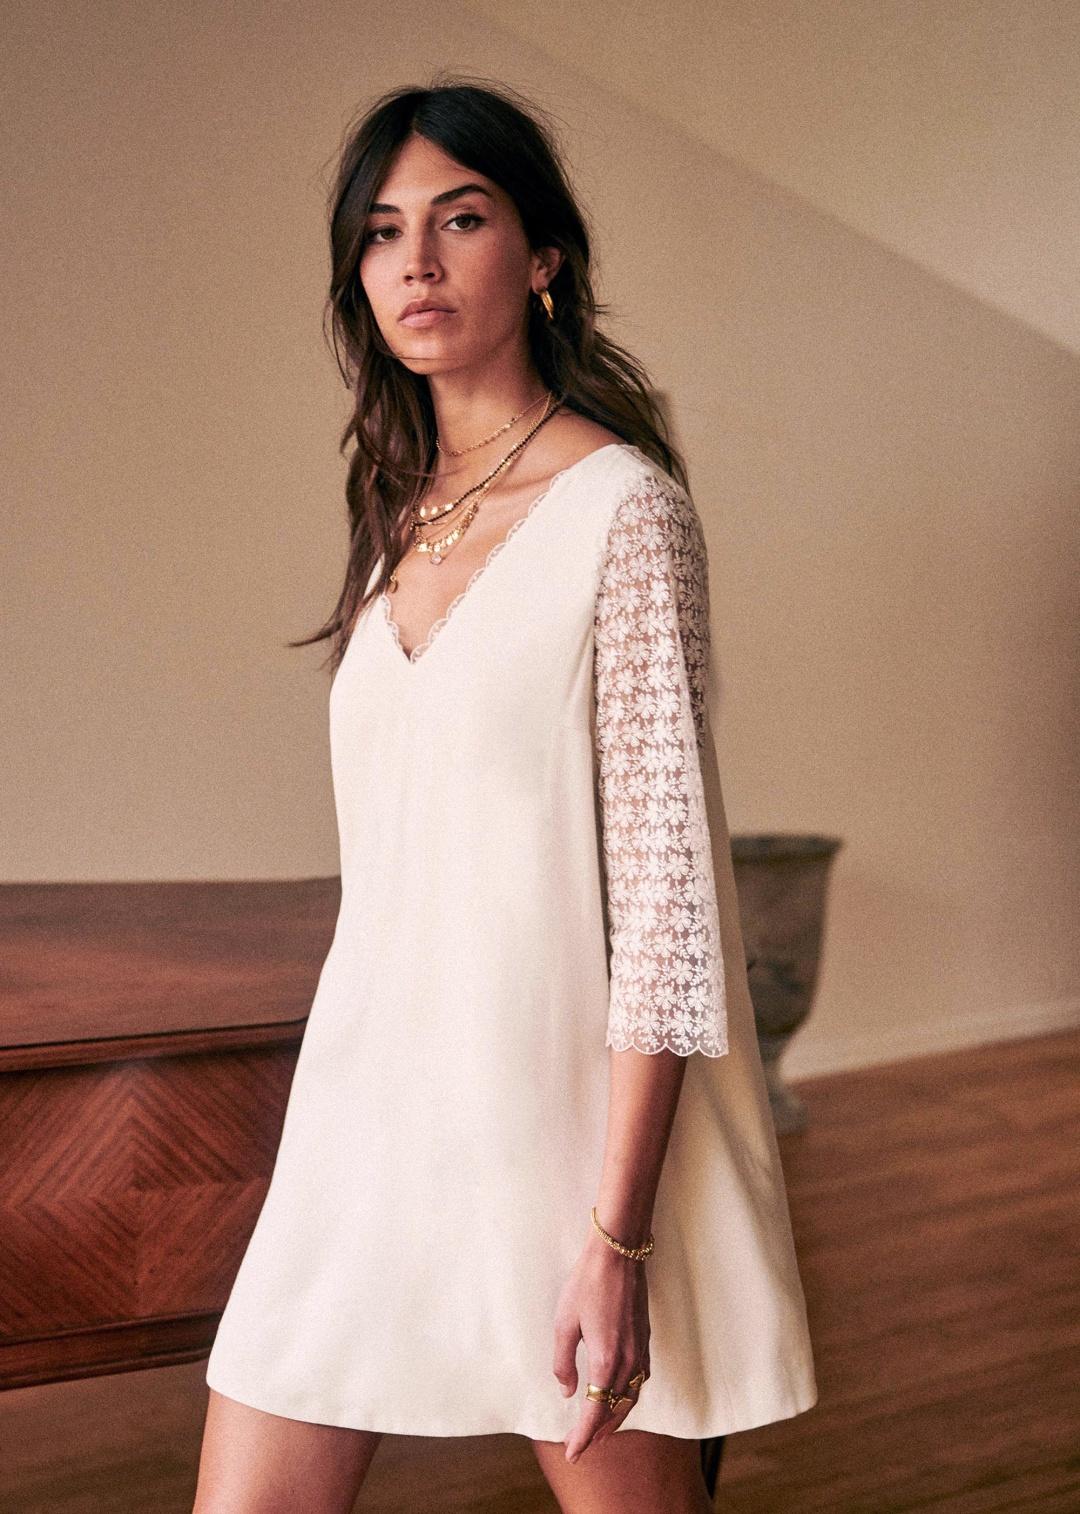 20 Jolies Robes De Mariee Courtes Pour Le Jour J